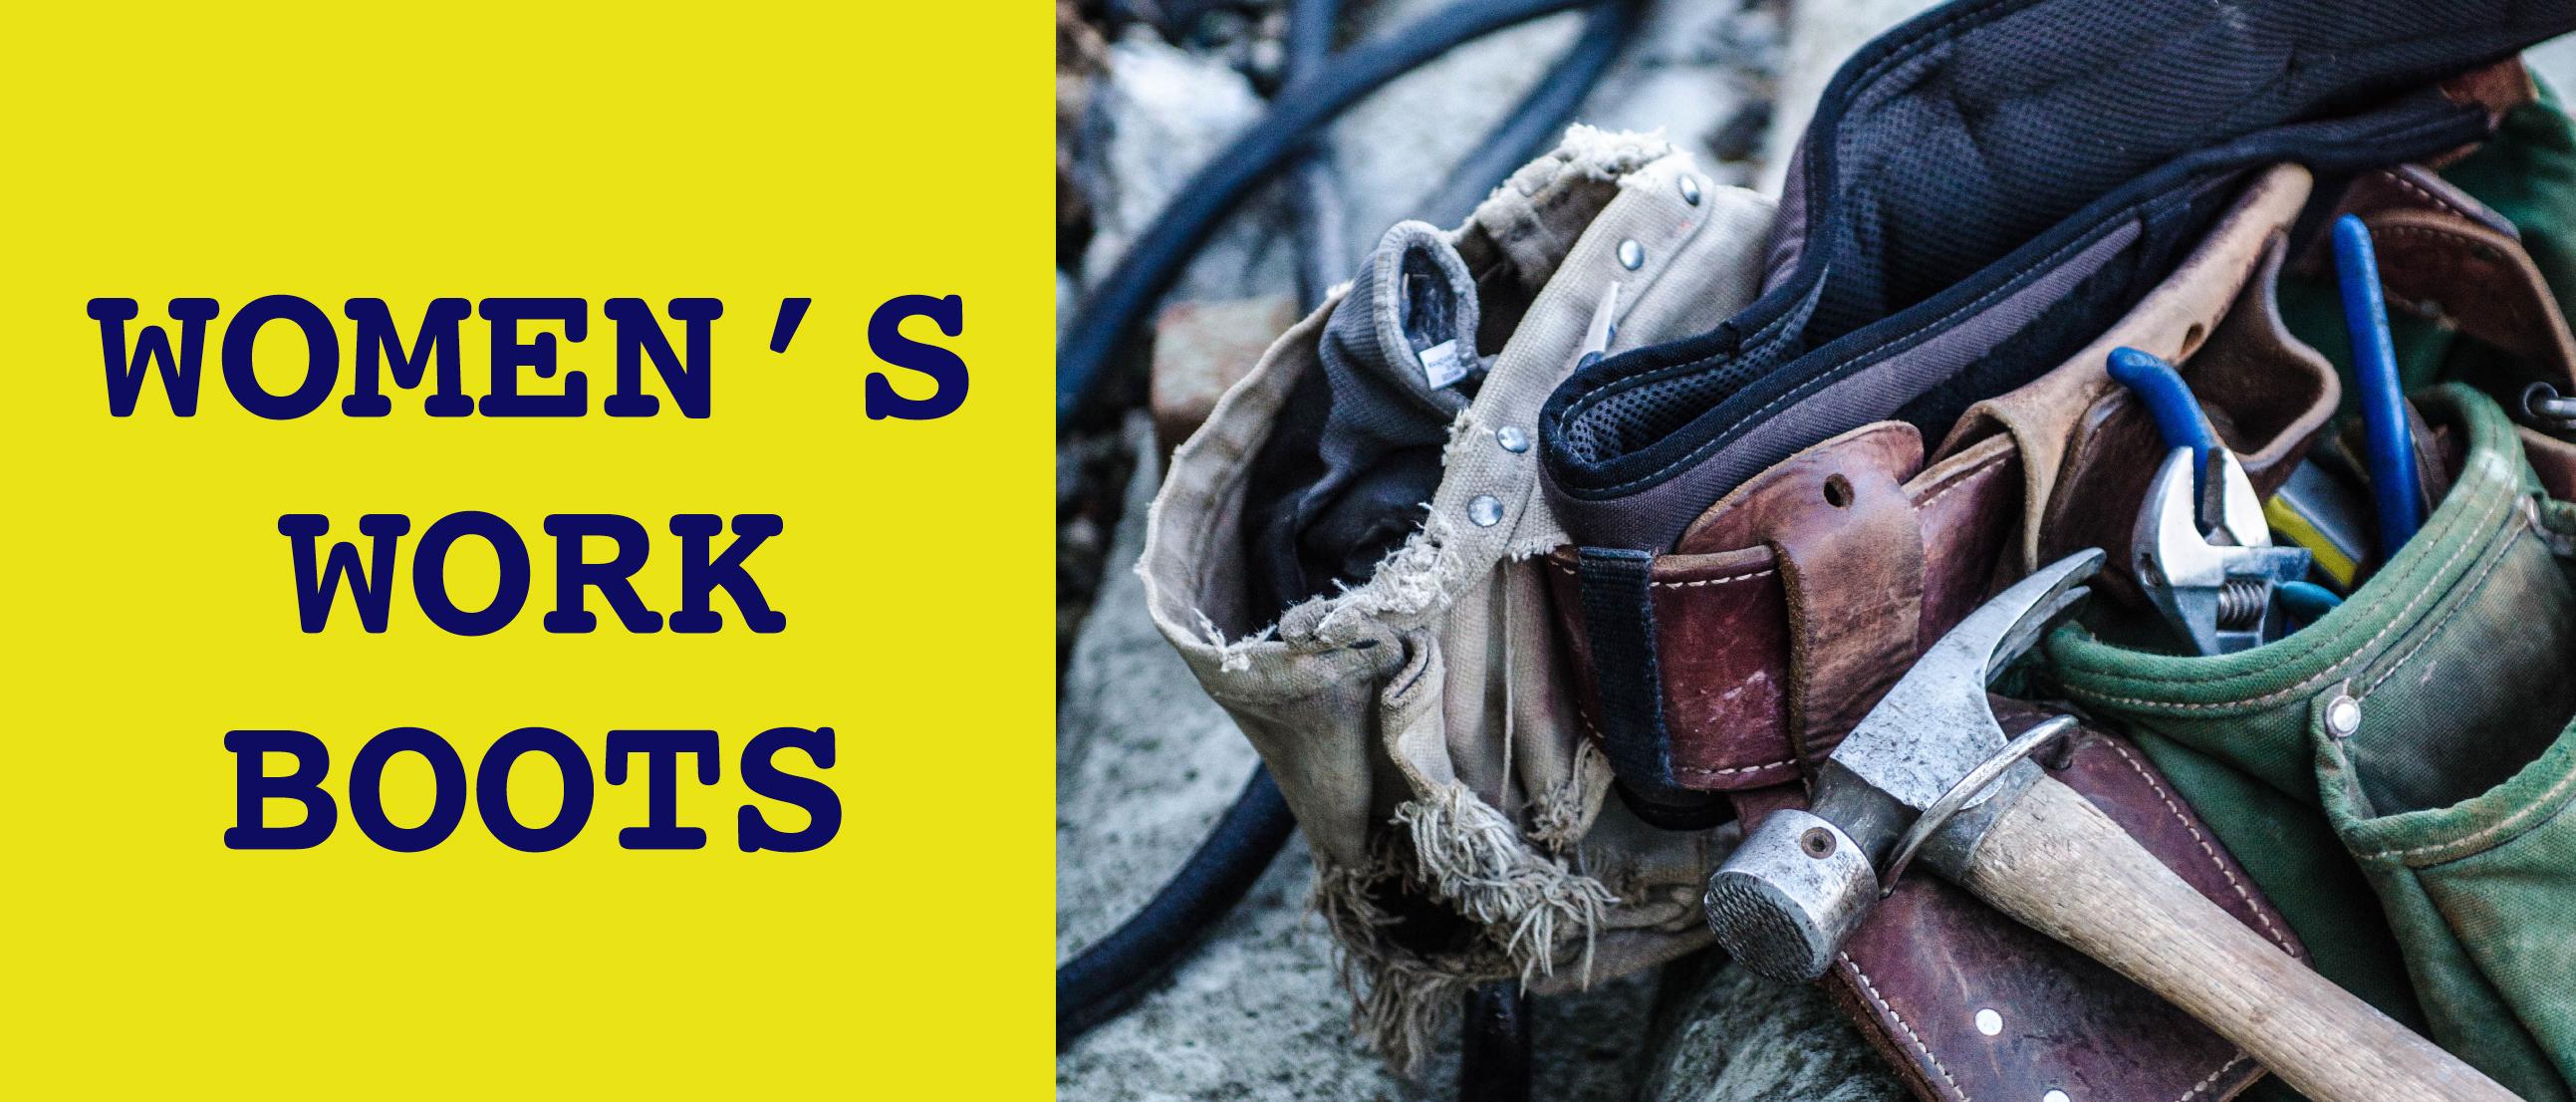 women-s-work-boots.jpg